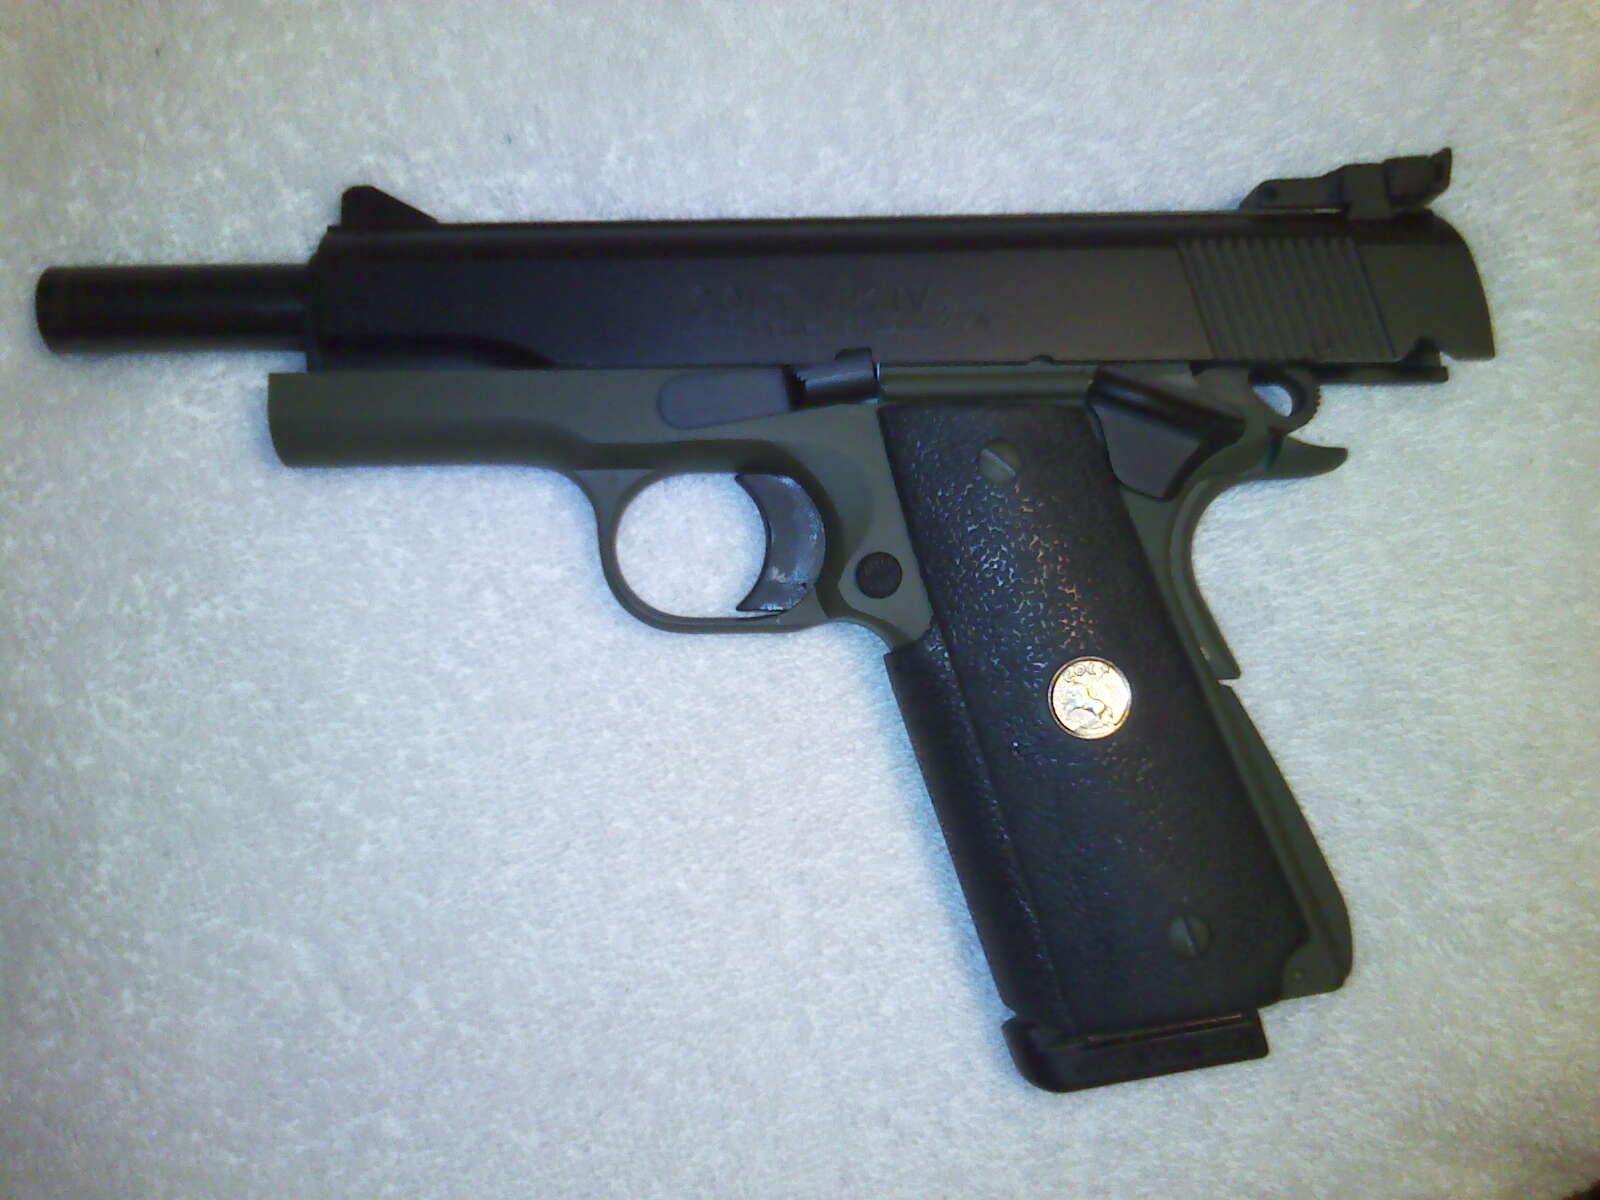 Old Colt 1911 with Cerakote coating-10-12-11_1842-jpg